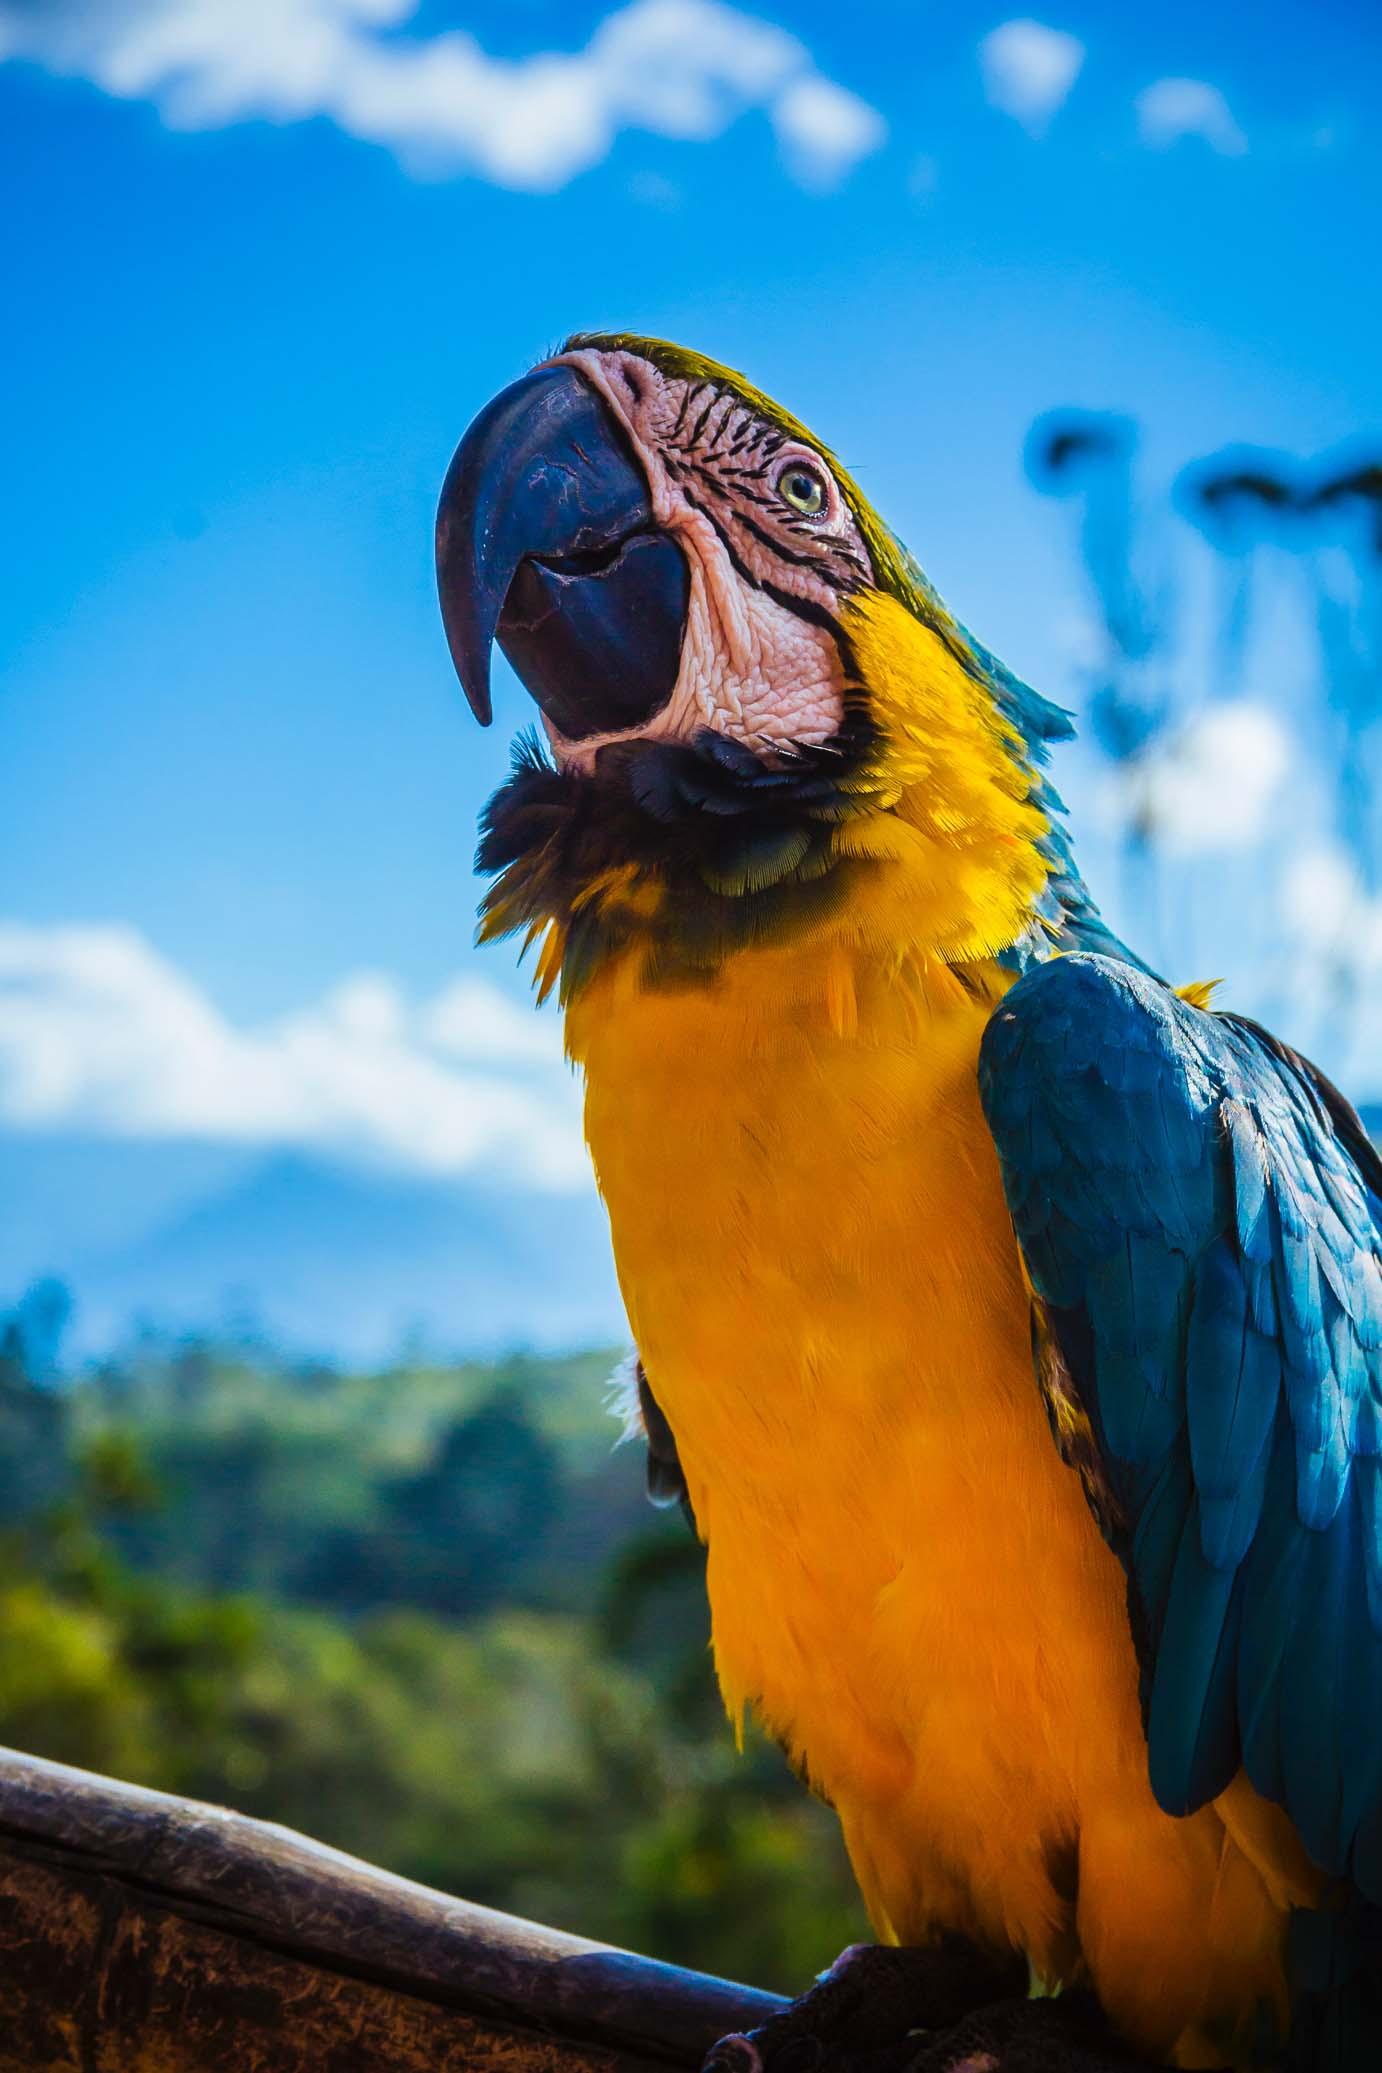 Macaw-amazon